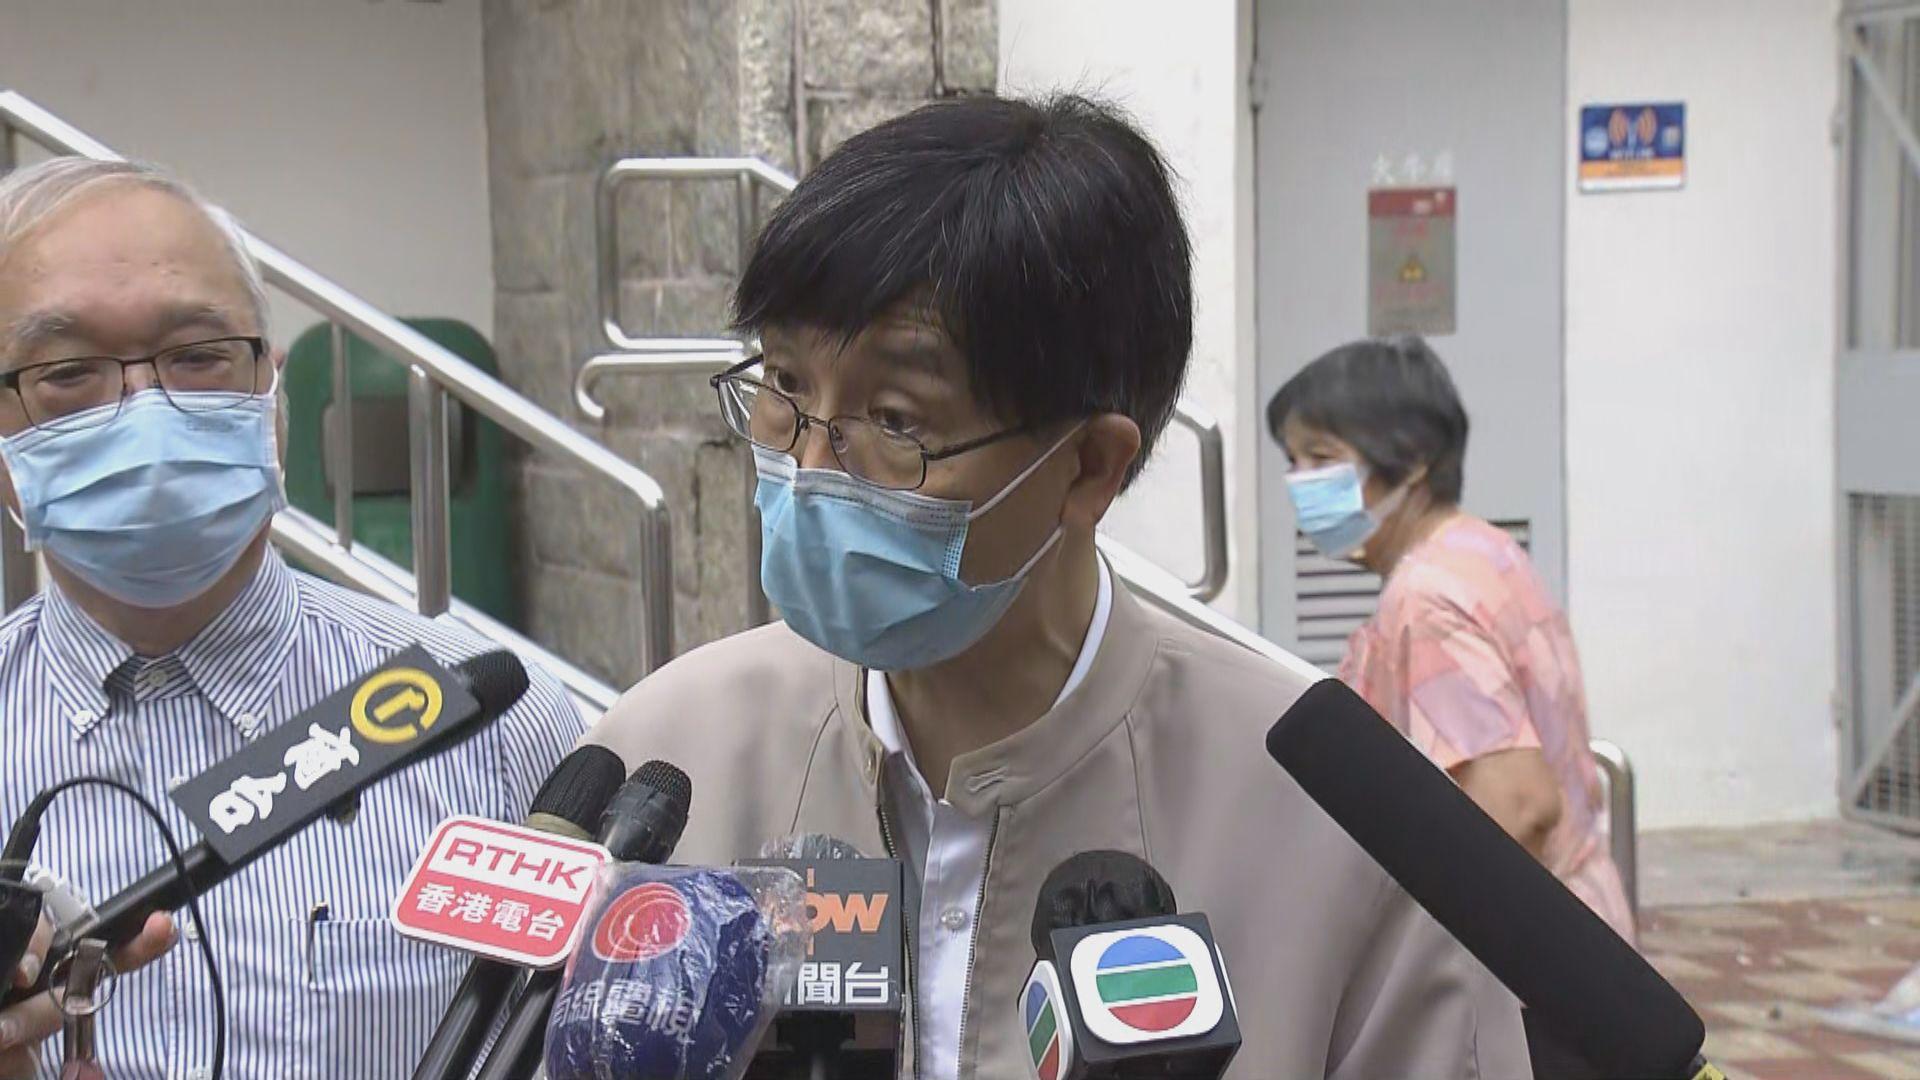 確診患者肺部找到病毒 袁國勇:病毒或出現空氣傳播